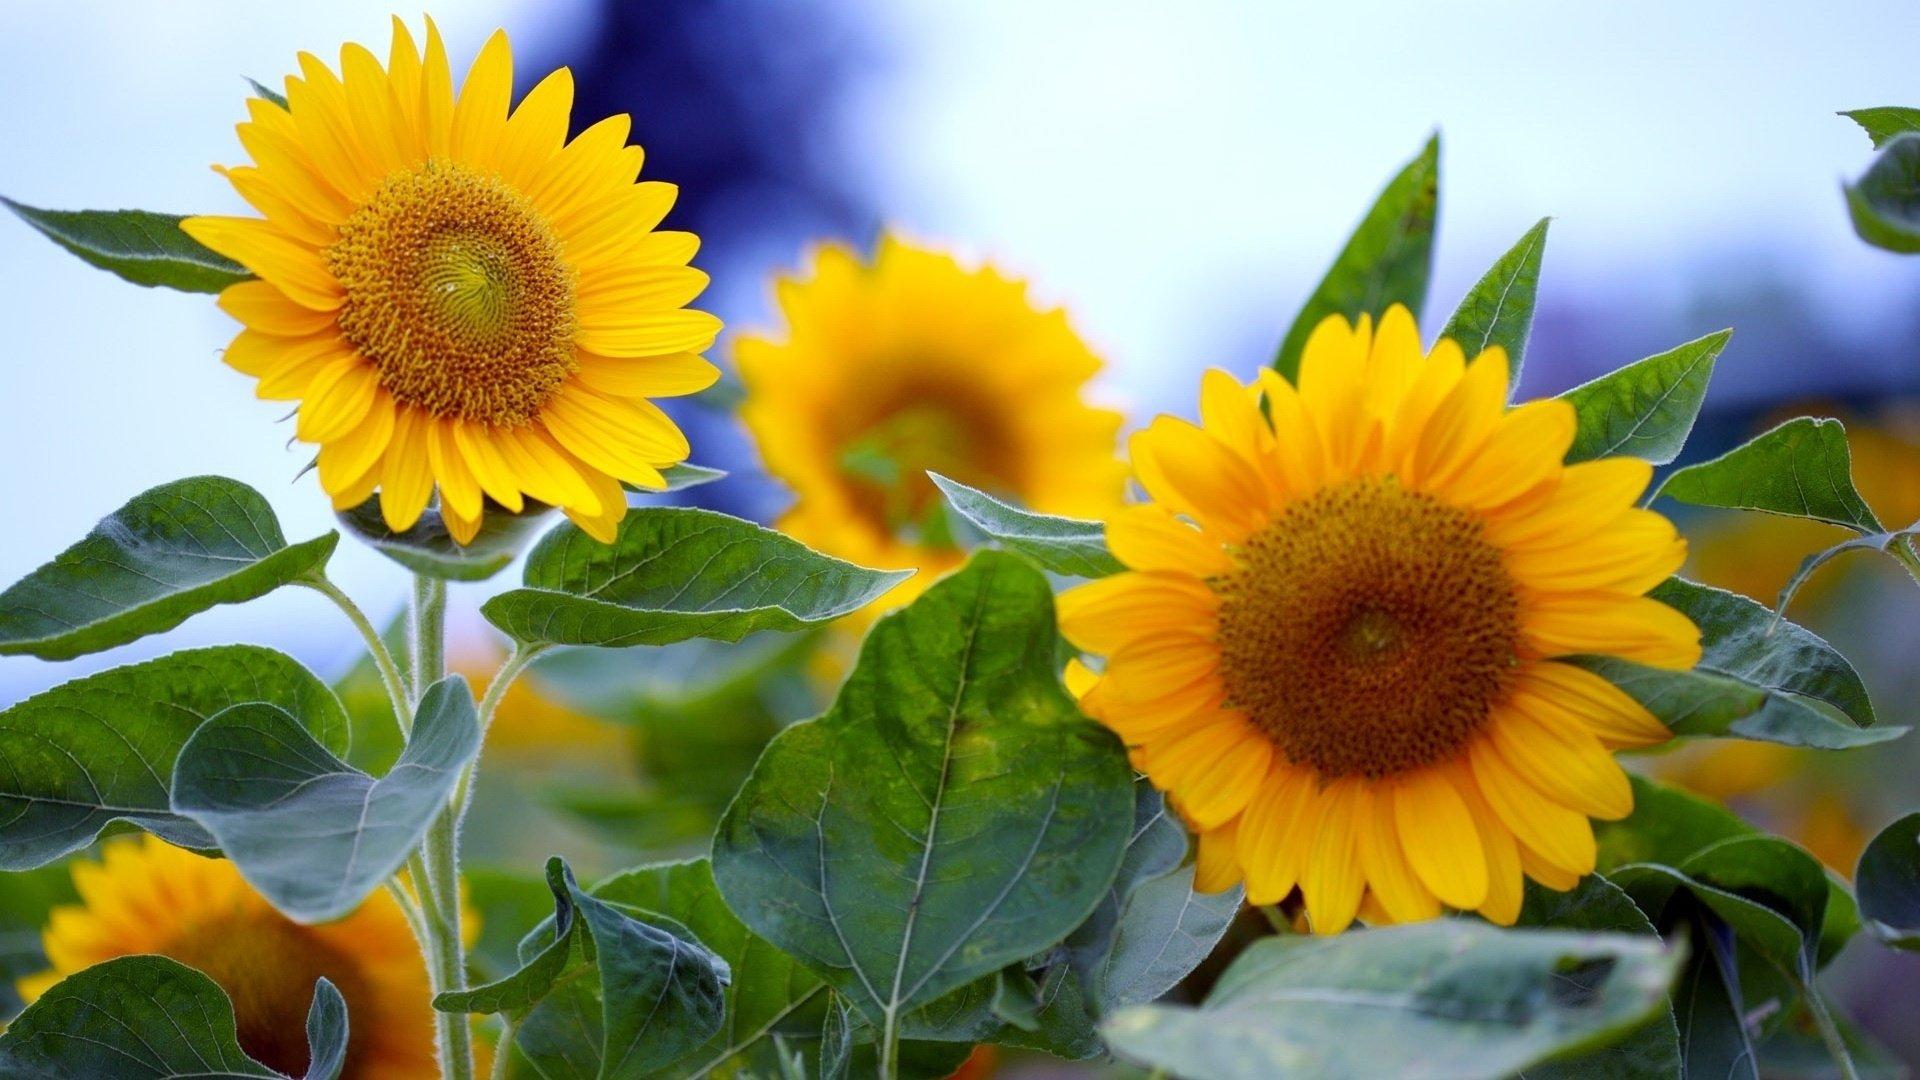 sunflower background full hd 226443